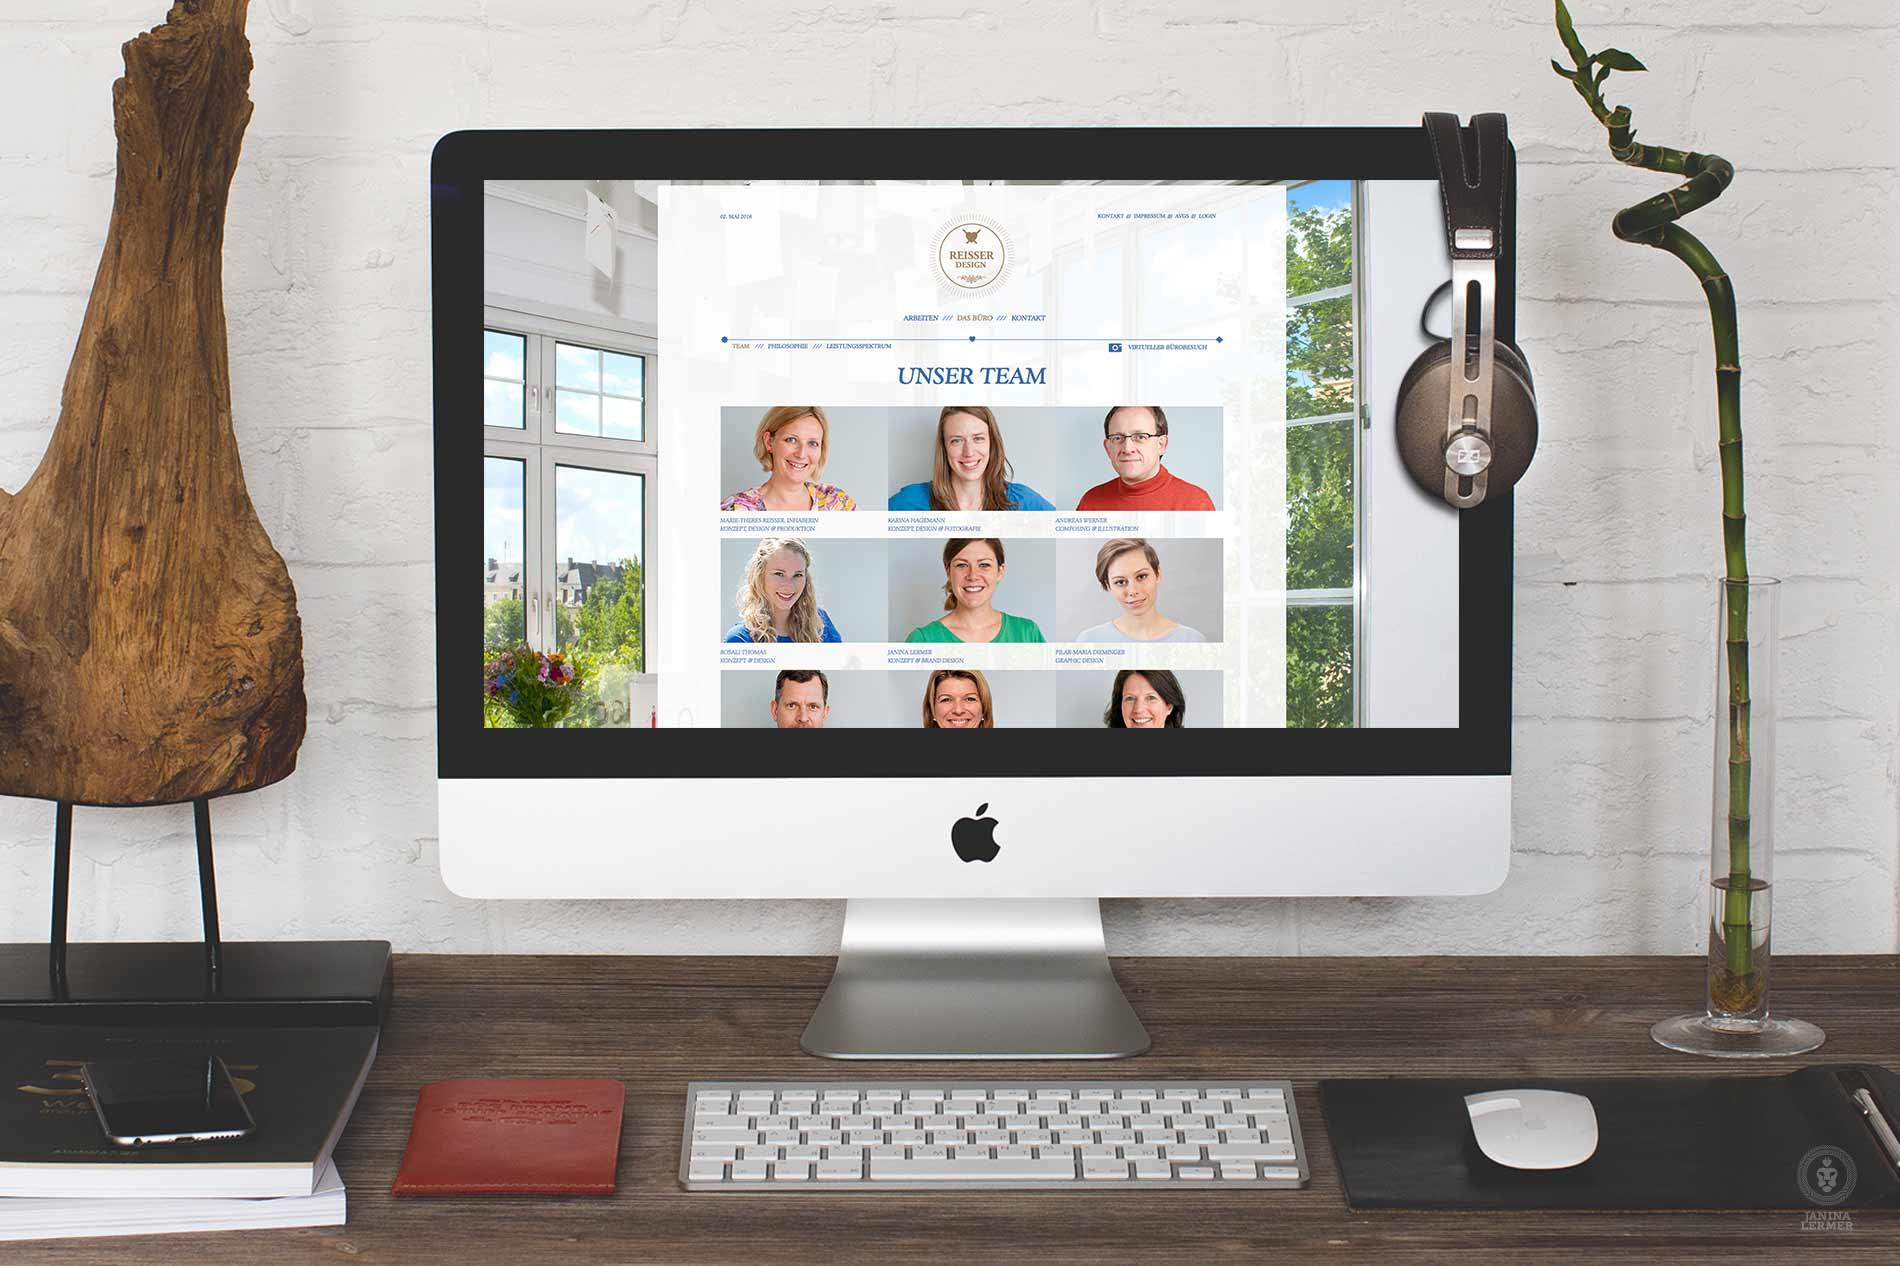 Janina-Lermer-Webseitenkonzept-Webseitengestaltung-Webdesign-Reisserdesign-Team